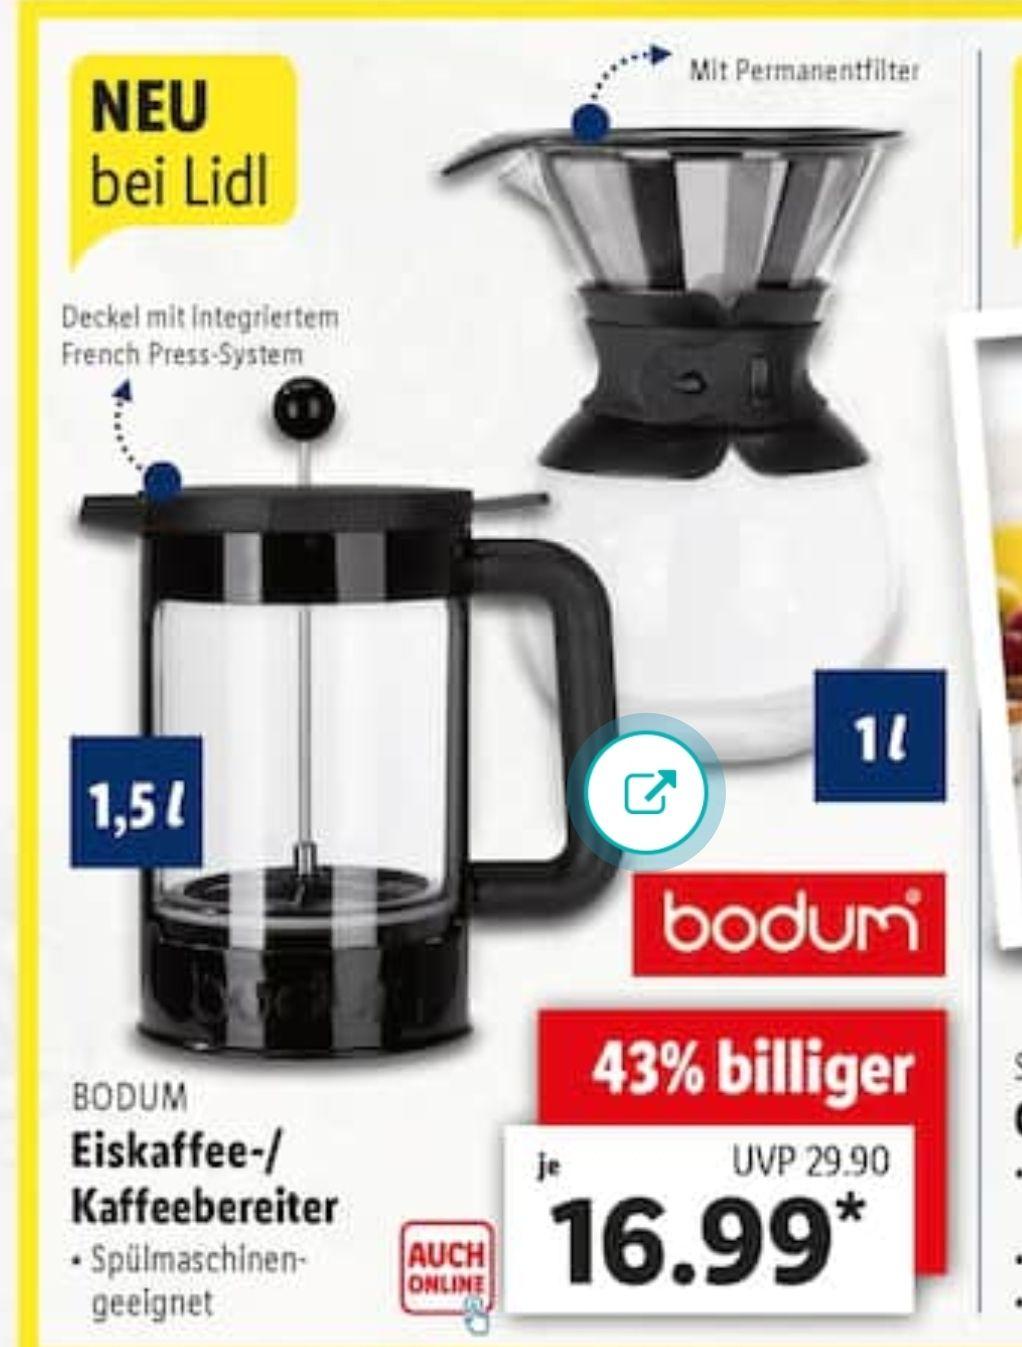 [LIDL] Bodum Eiskaffee- / Kaffebereiter 1,5l bzw. 1l